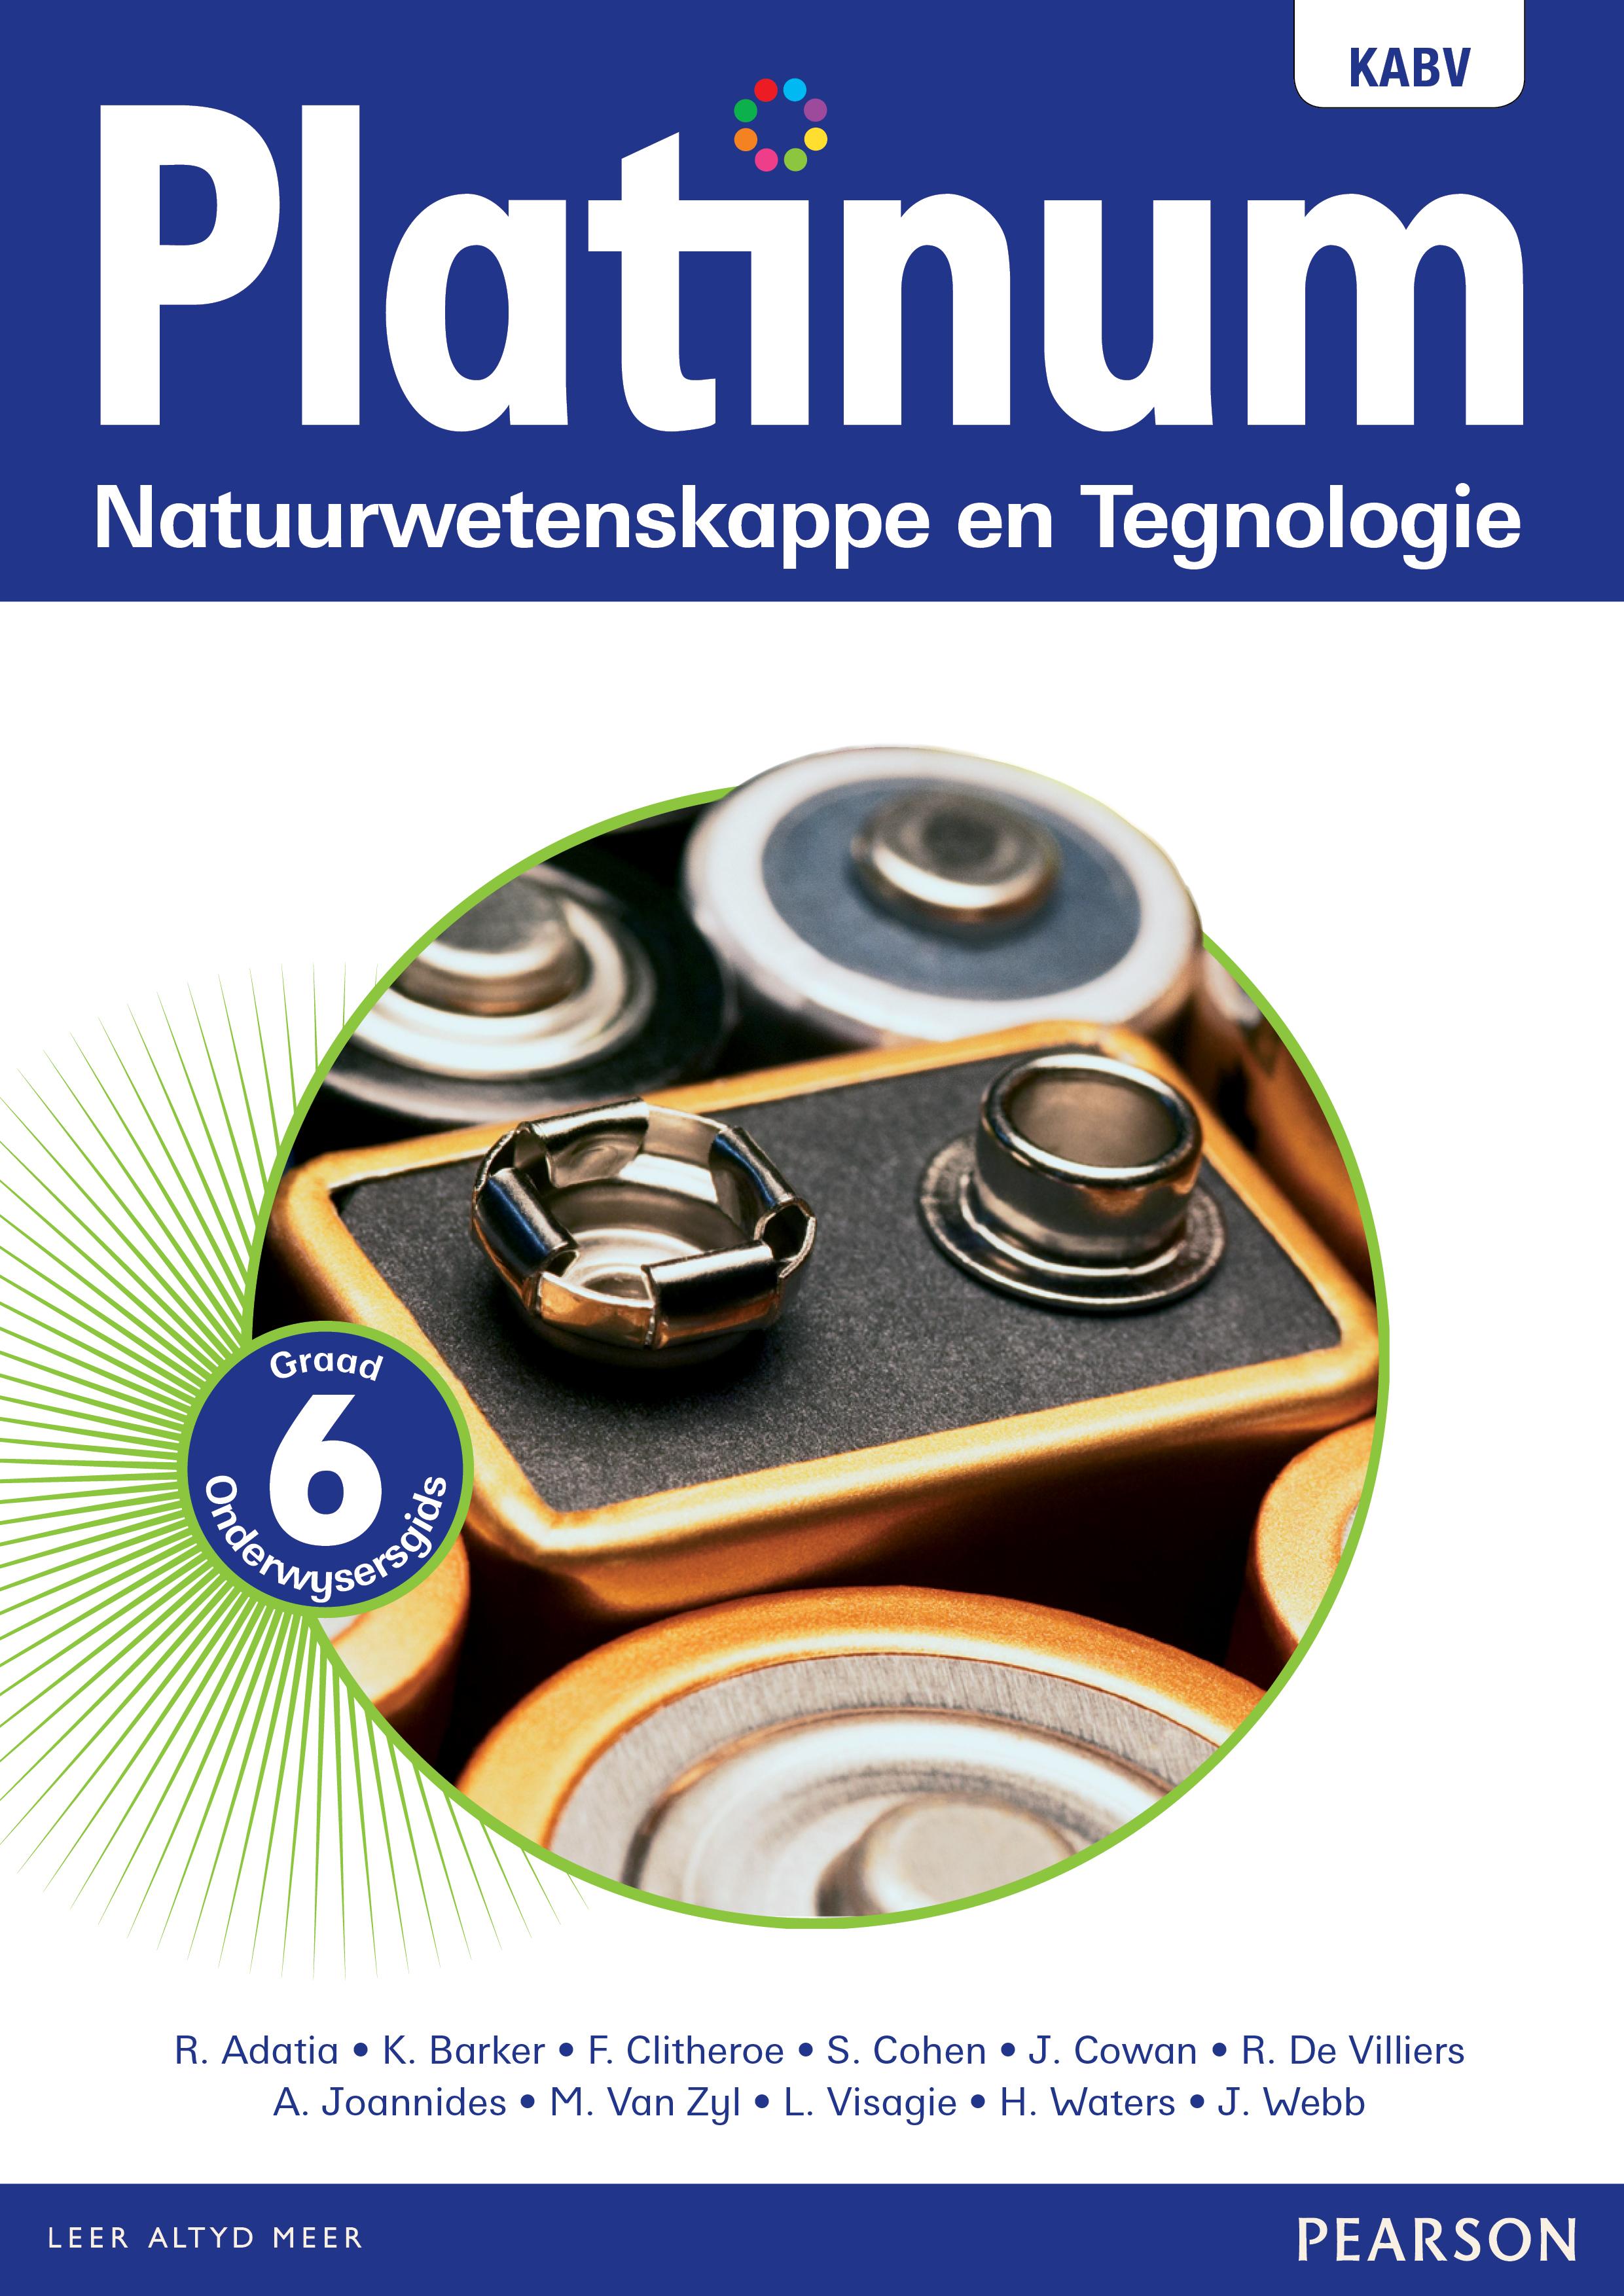 Picture of Platinum natuurwetenskappe en tegnologie NKABV